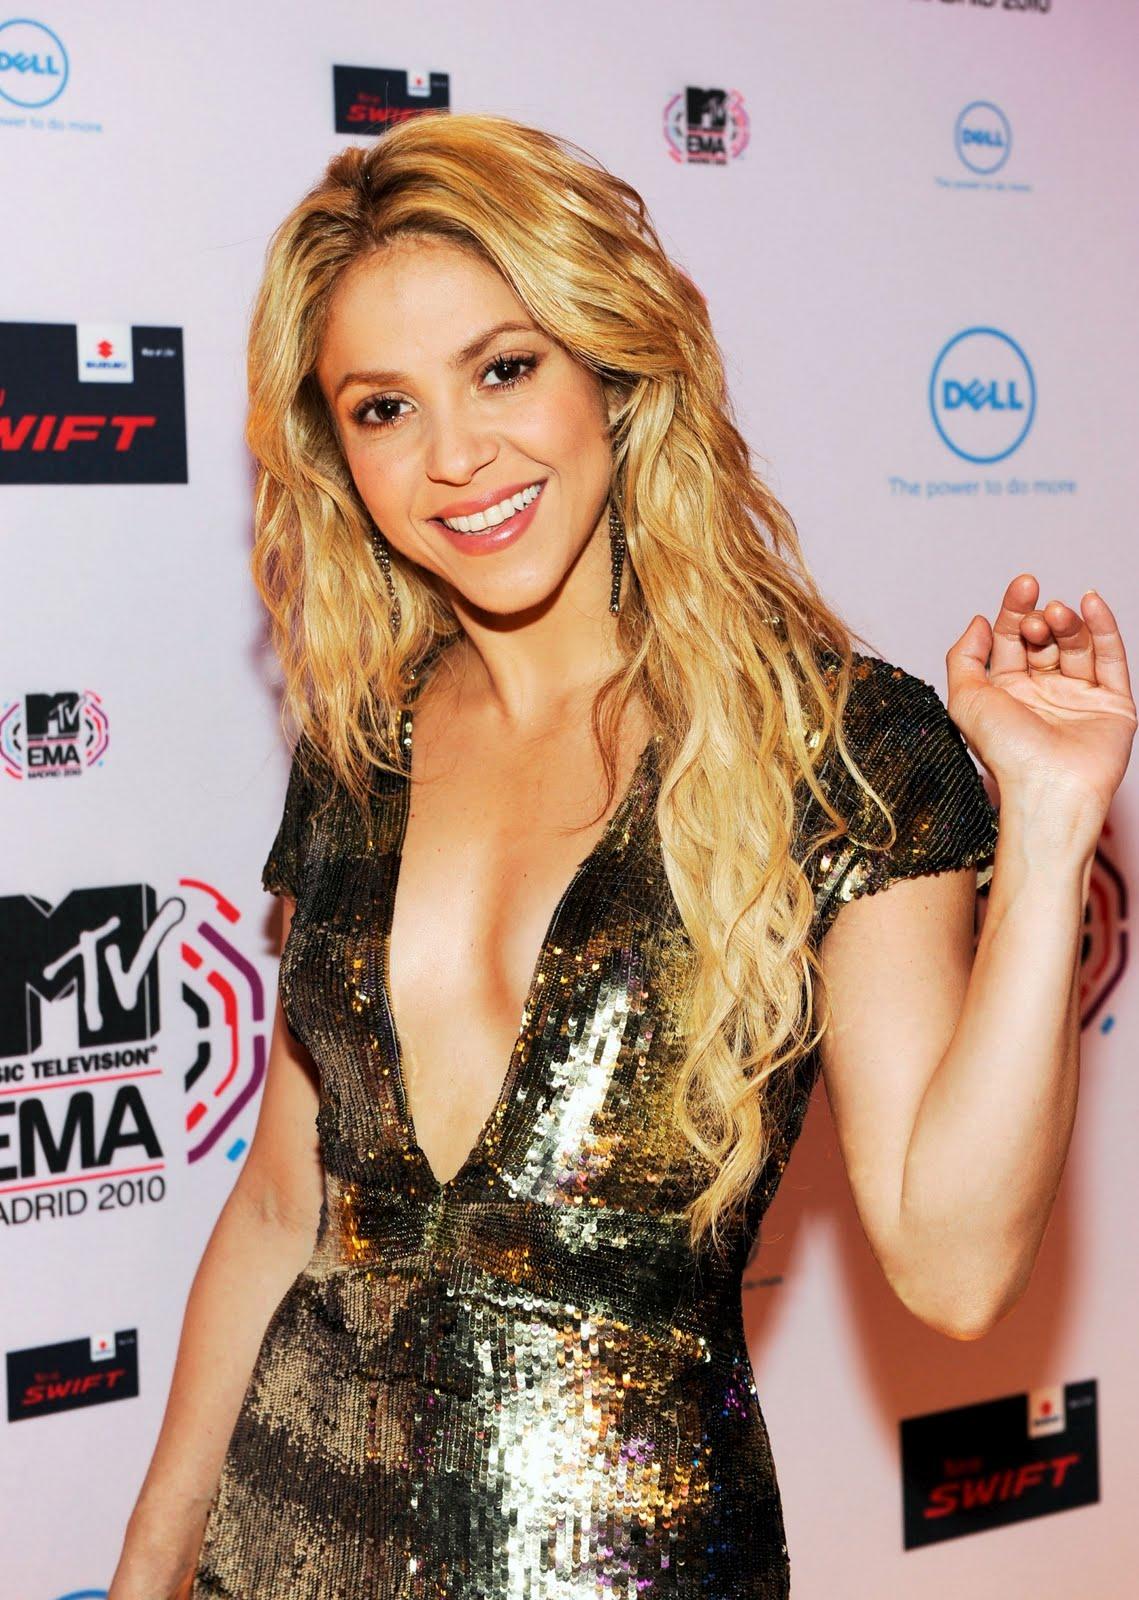 http://4.bp.blogspot.com/_ImioM_zH-NY/TNhjOS7Ya7I/AAAAAAAAAwc/QMqOD7w9_3Y/s1600/Shakira-4.jpg